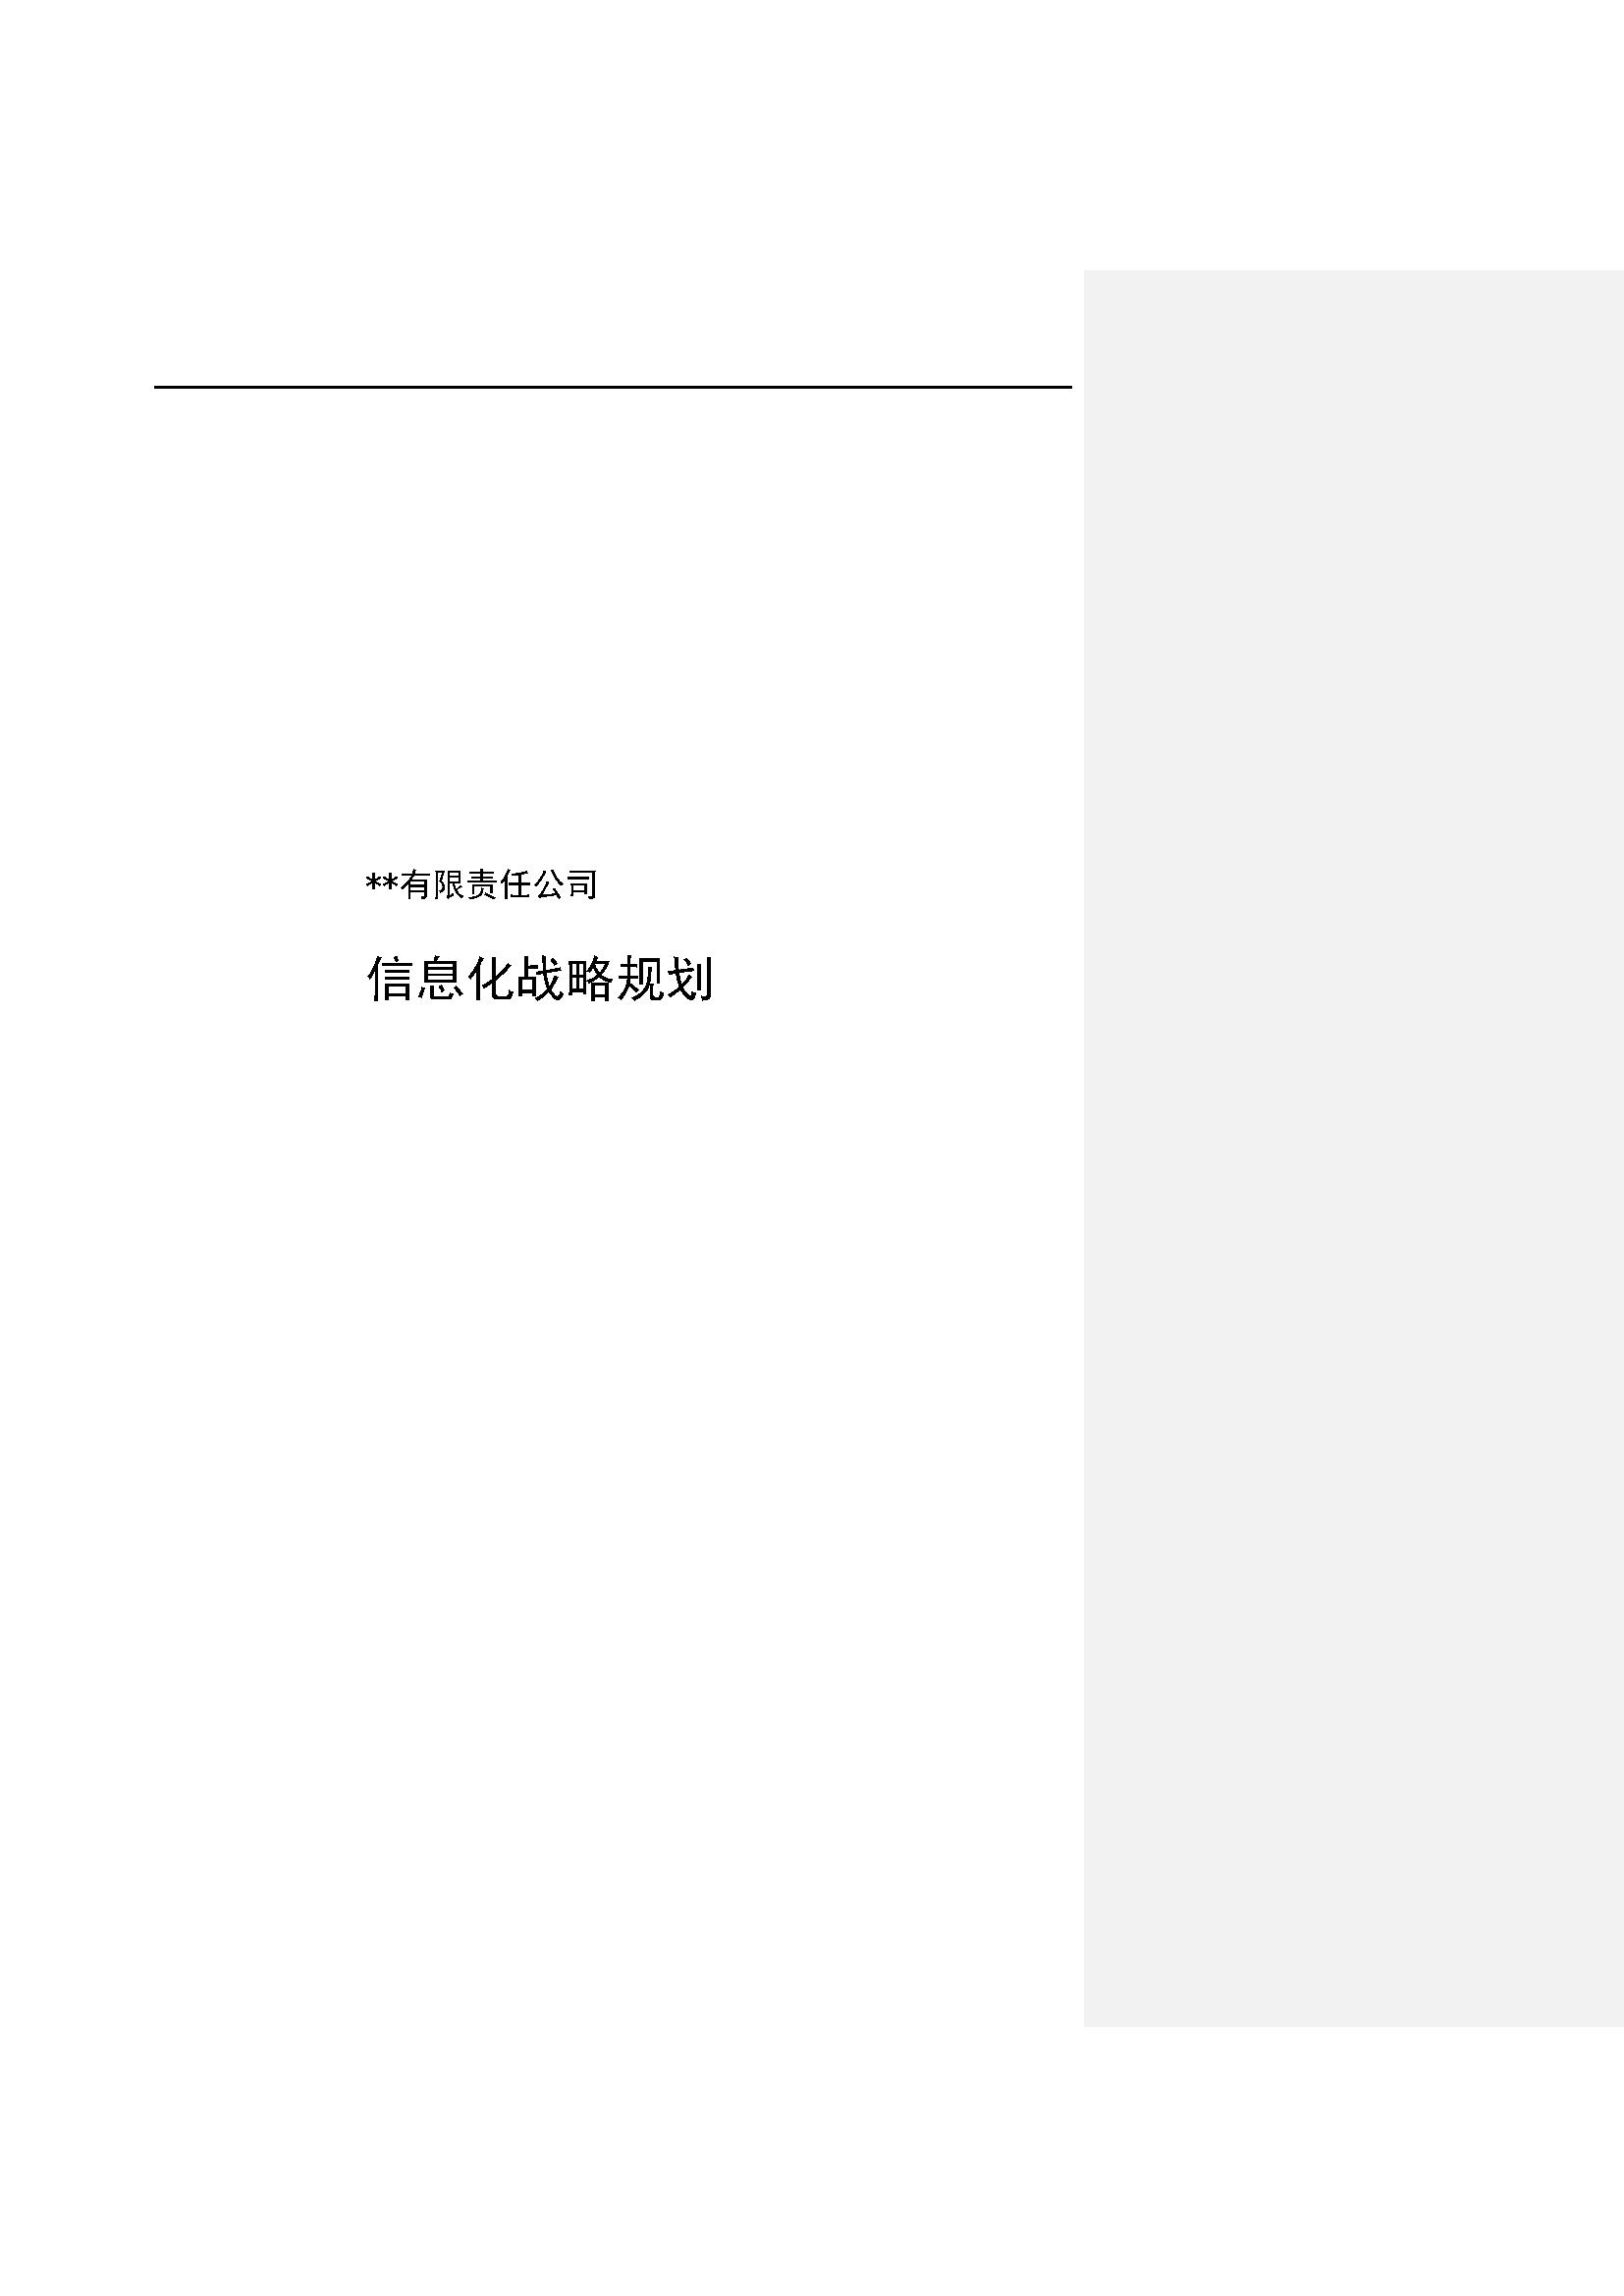 王宏-信息化战略规划和方案设计